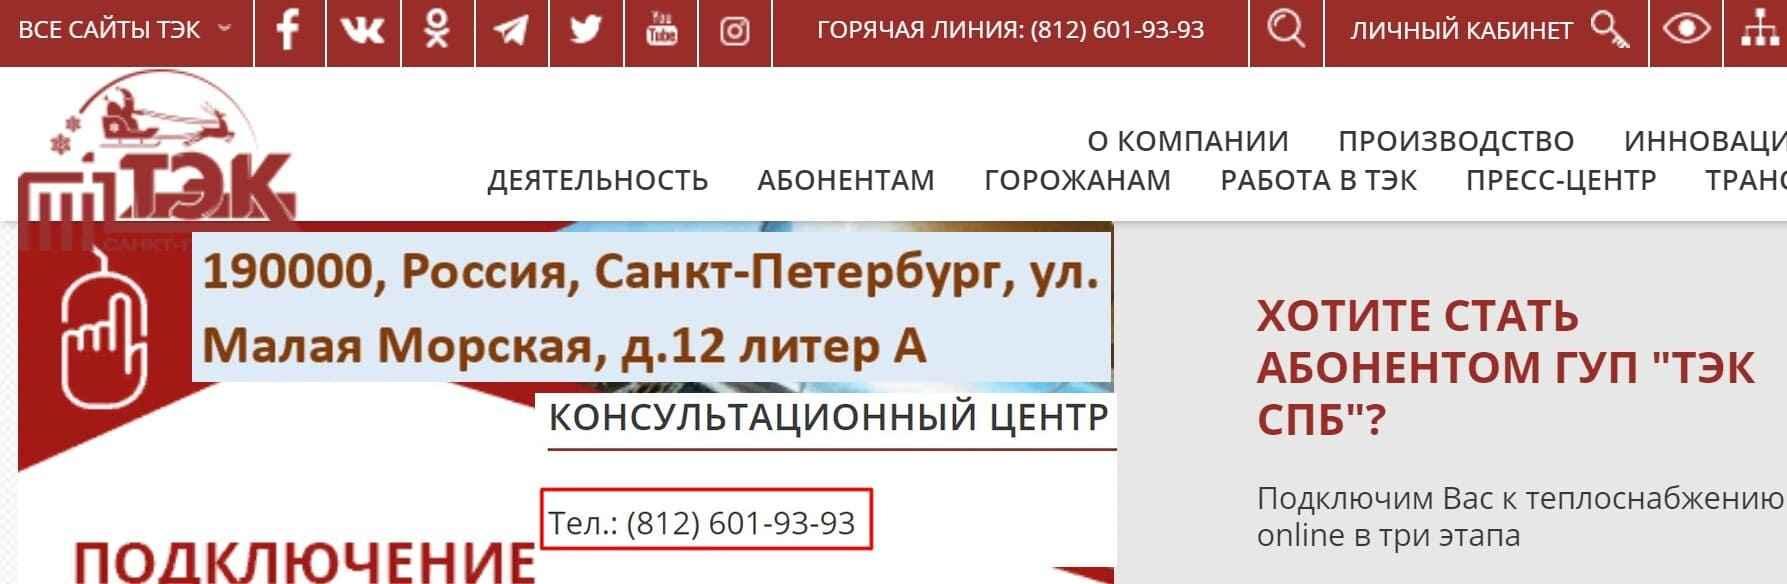 ТЭК СПБ сайт